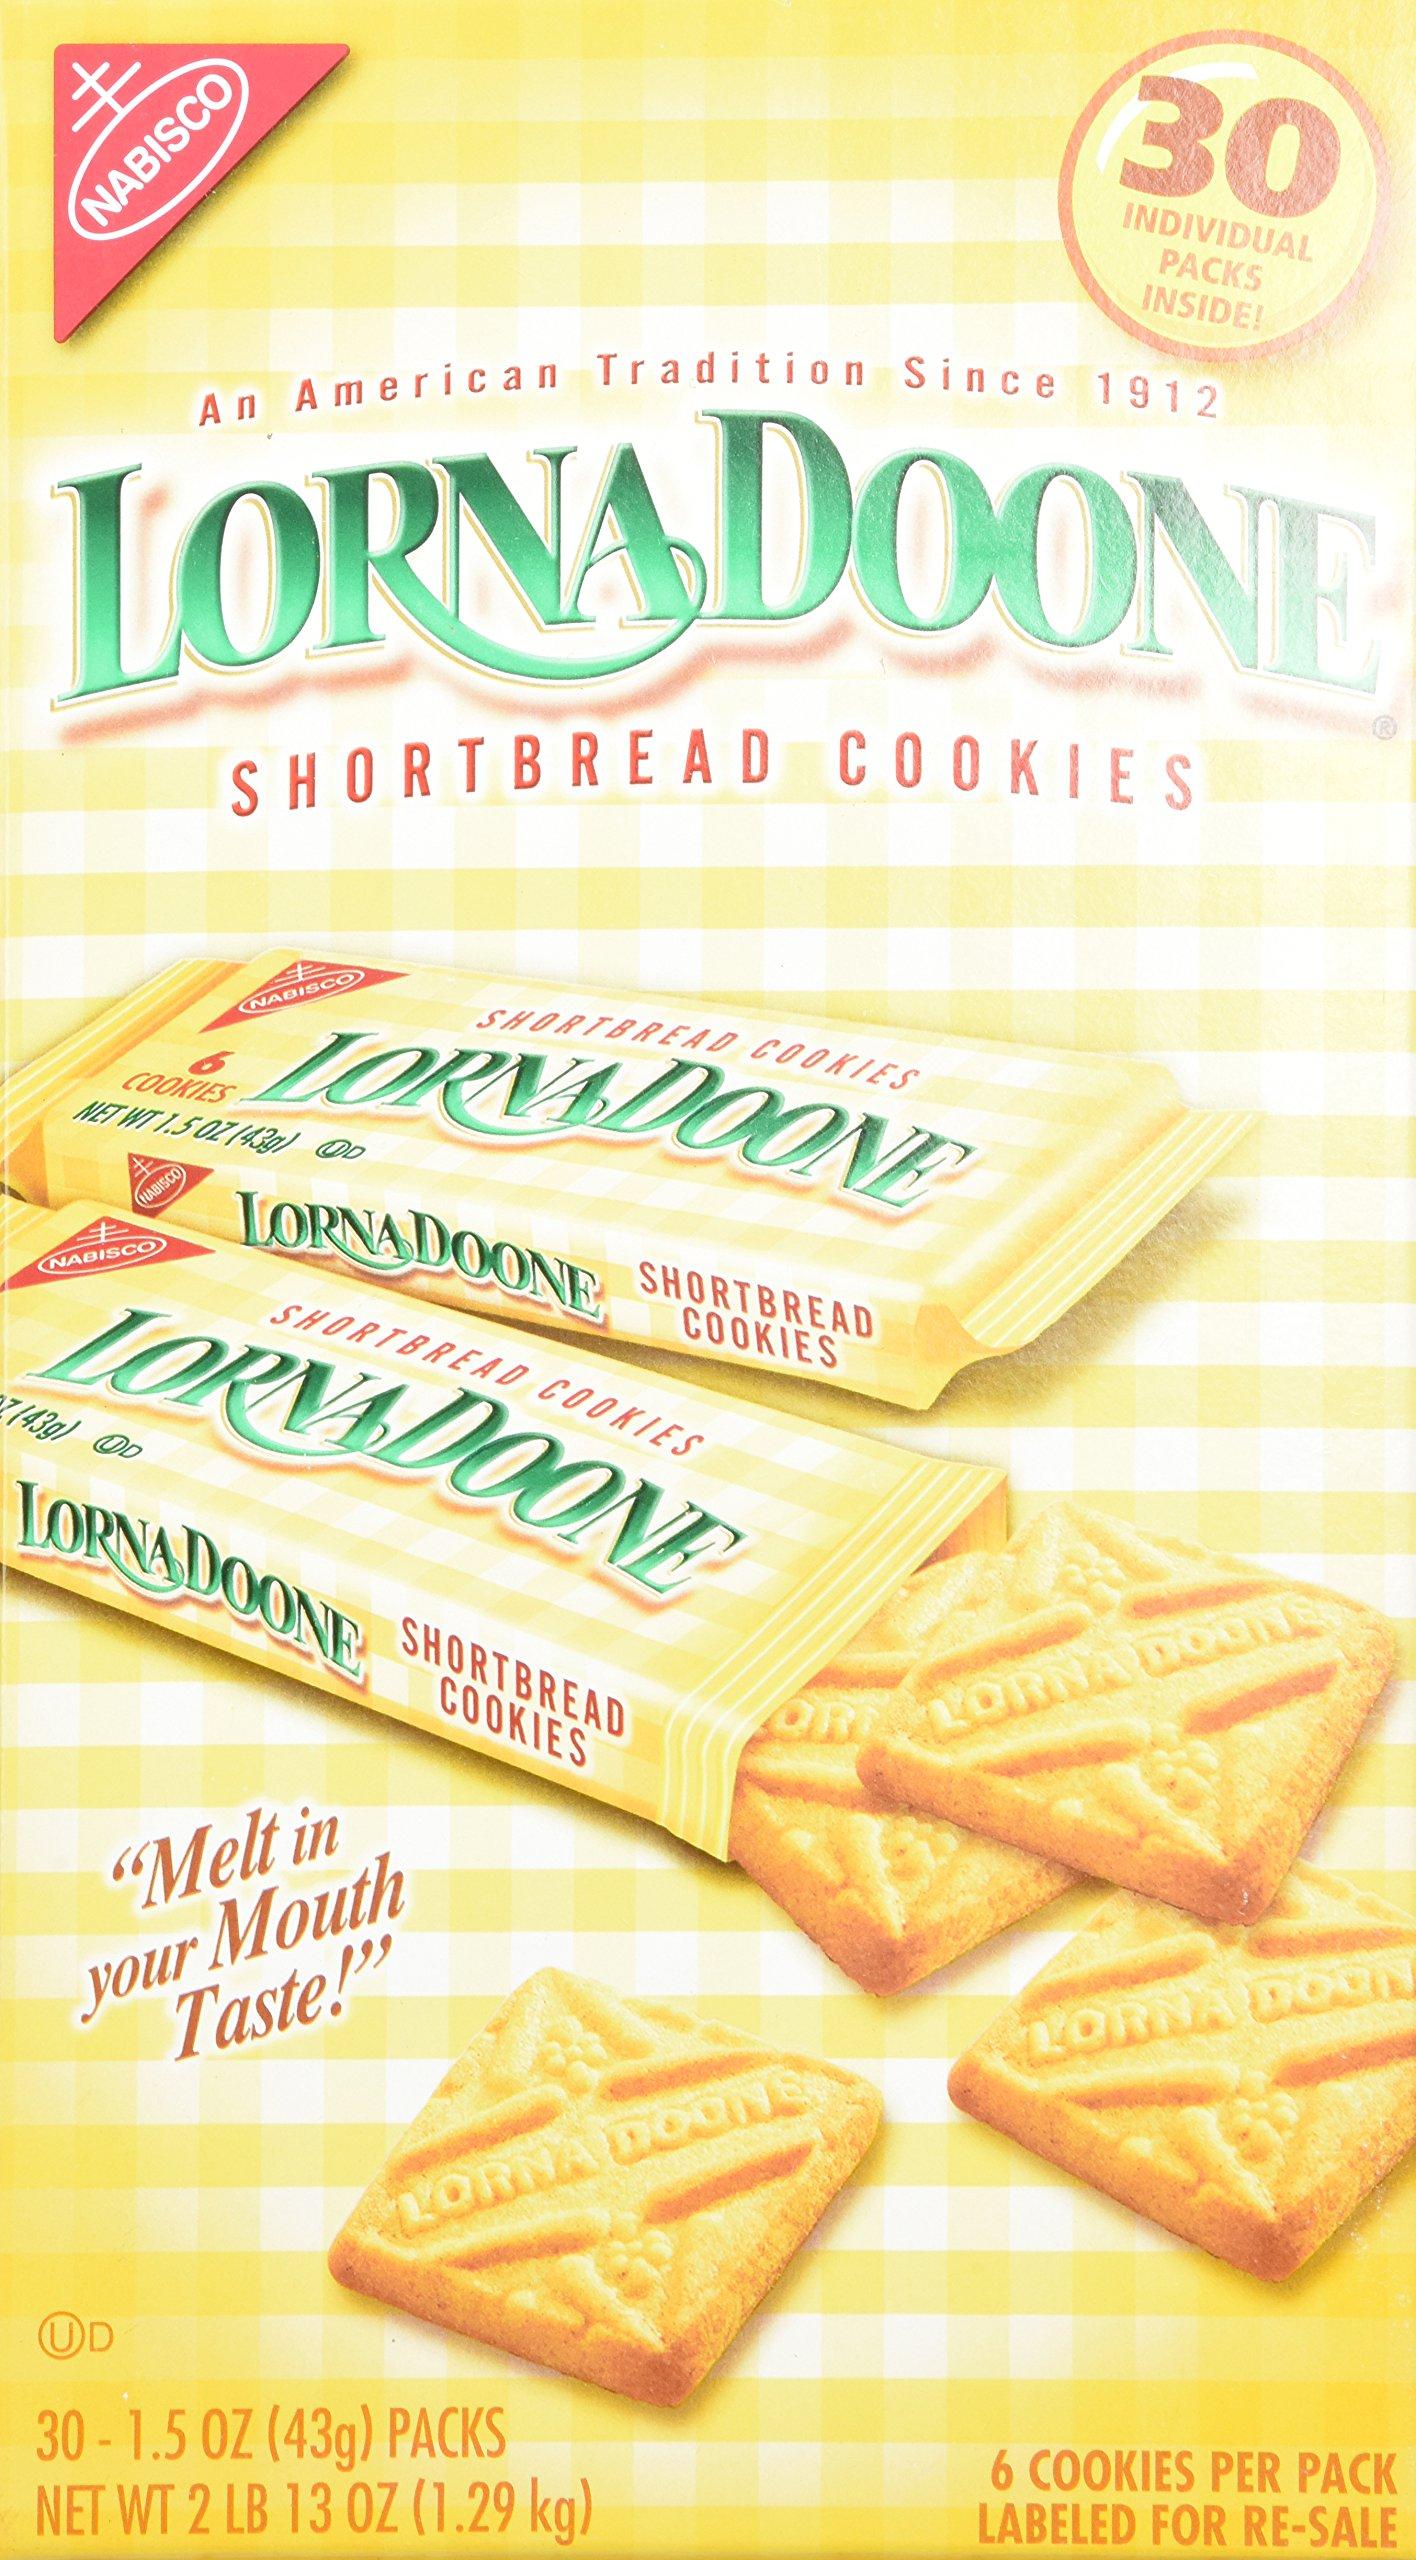 Lorna Doone-Shortbread Cookies, 30/1.50z Packs by Lorna Doone